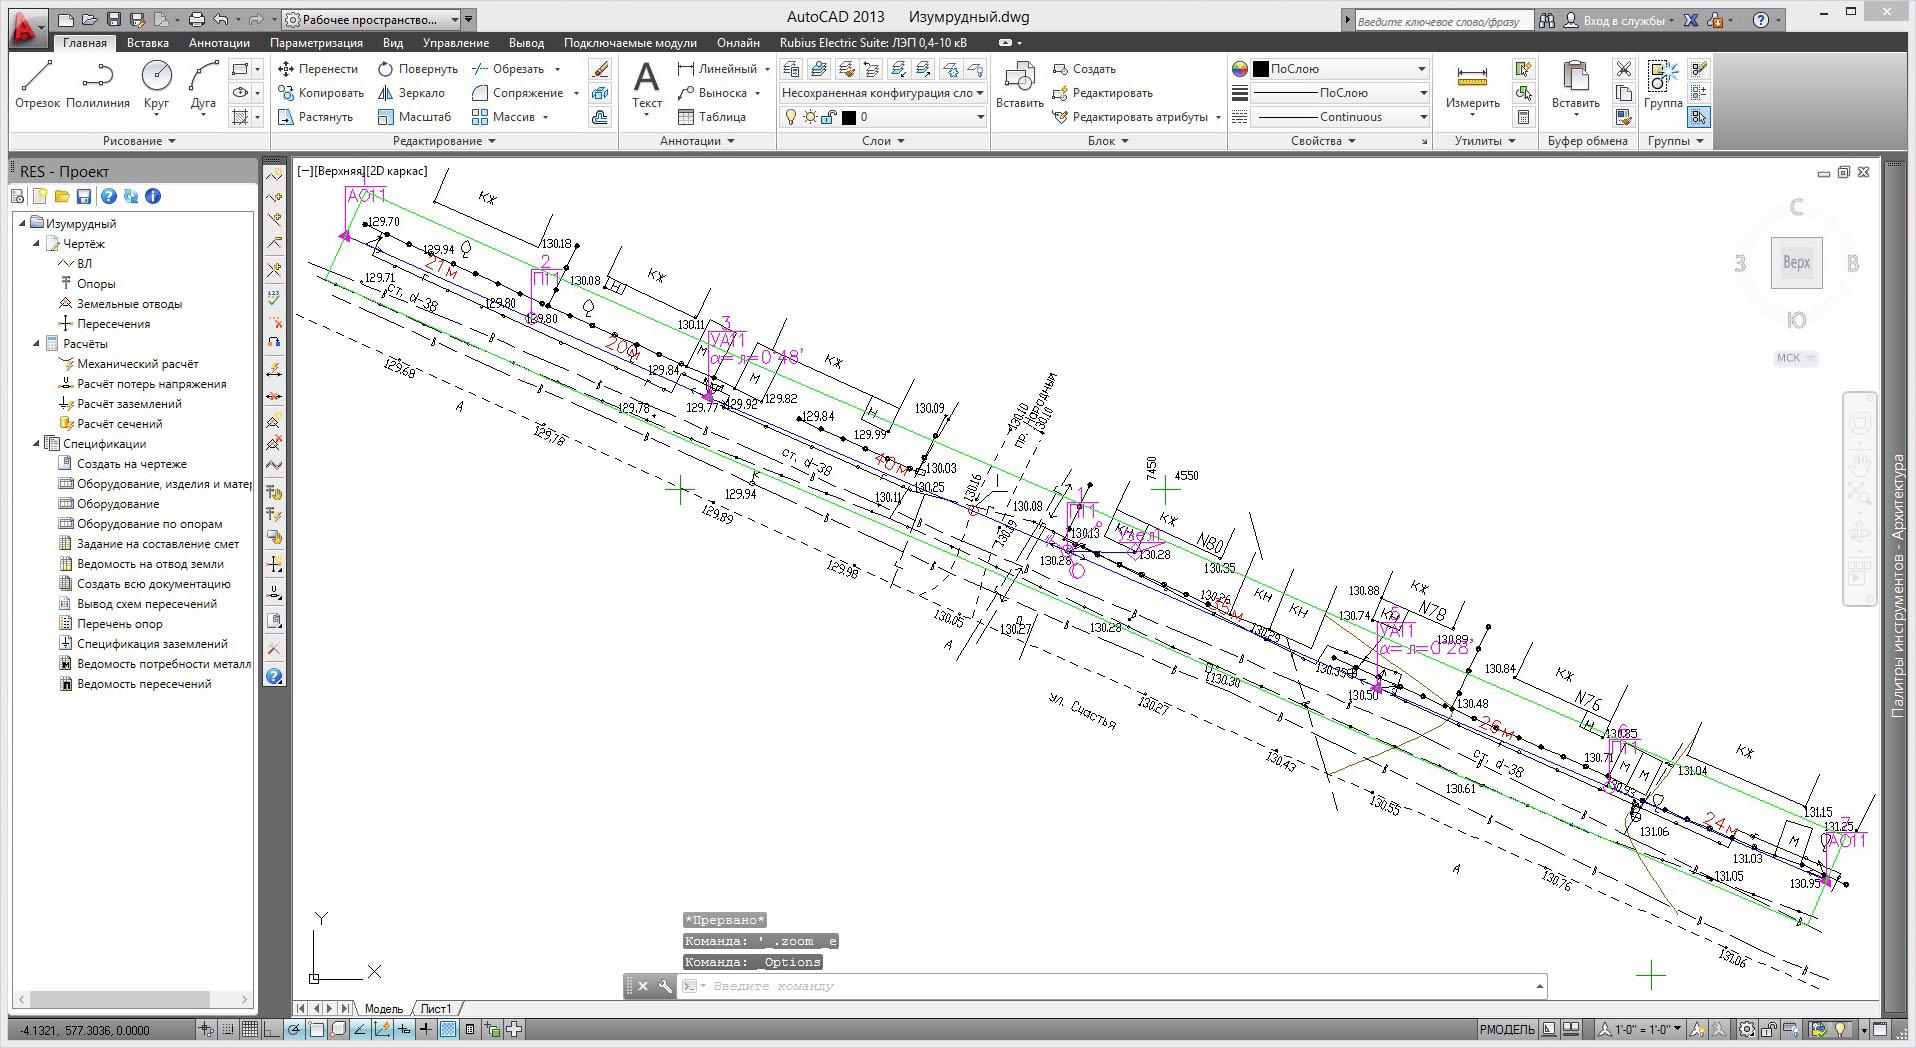 Проектирование воздушных линий электропередачи с автоматической расстановкой опор